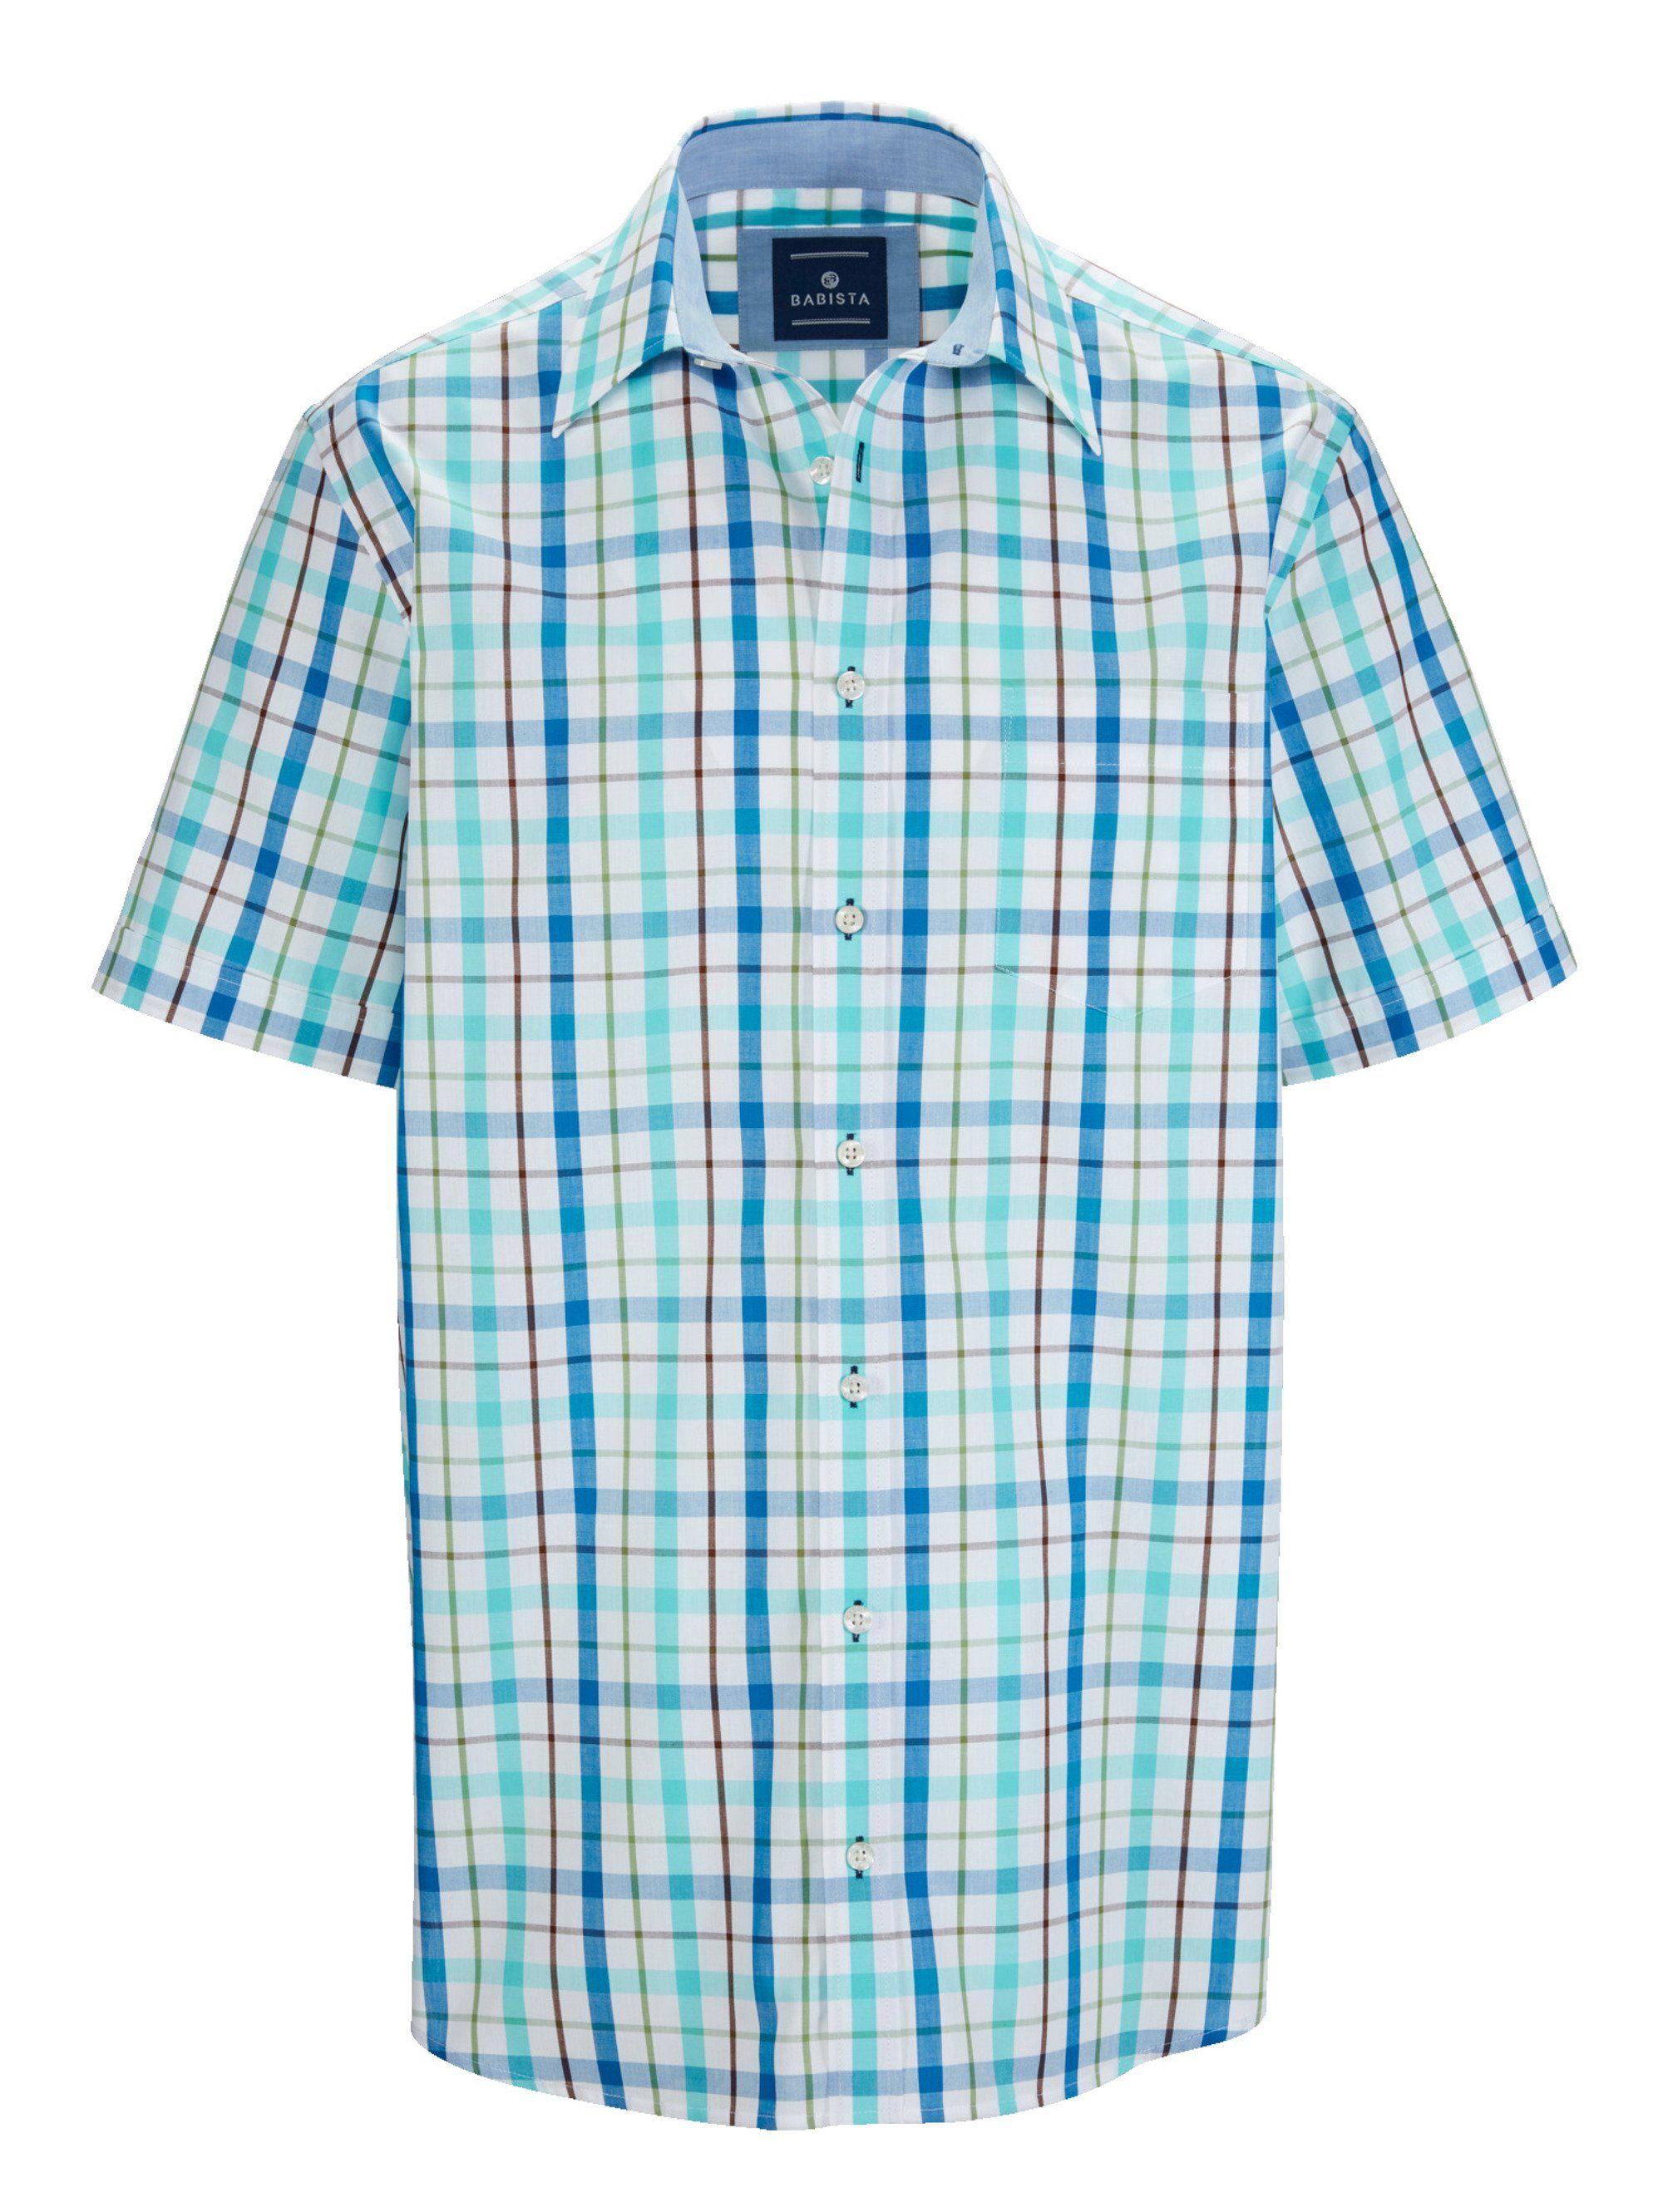 Babista Hemd mit sommerlichem Karomuster, Reine Baumwolle online kaufen | OTTO